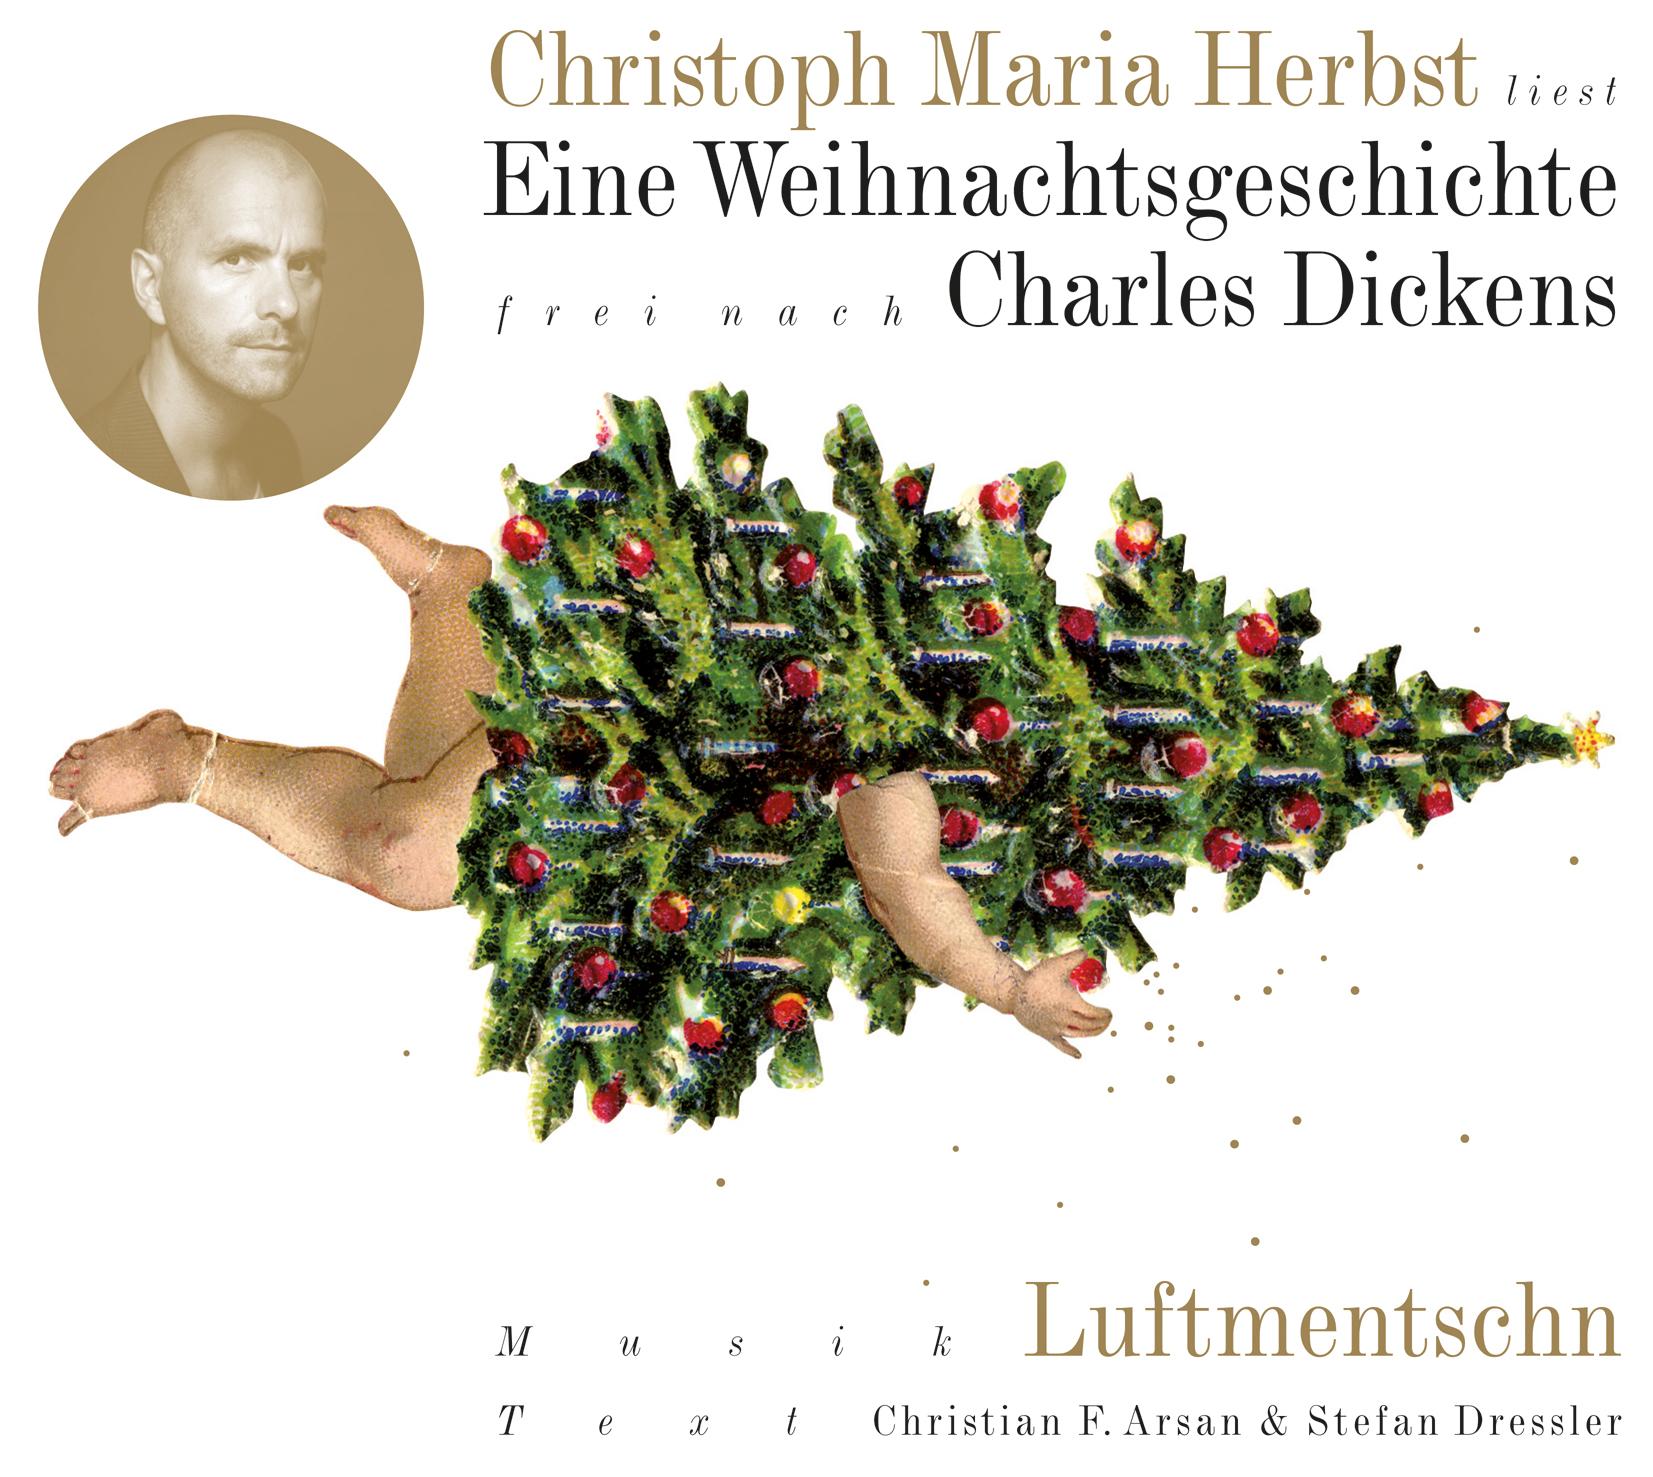 Eine Weihnachtsgeschichte frei nach Charles Dickens - Christian F. Arsan